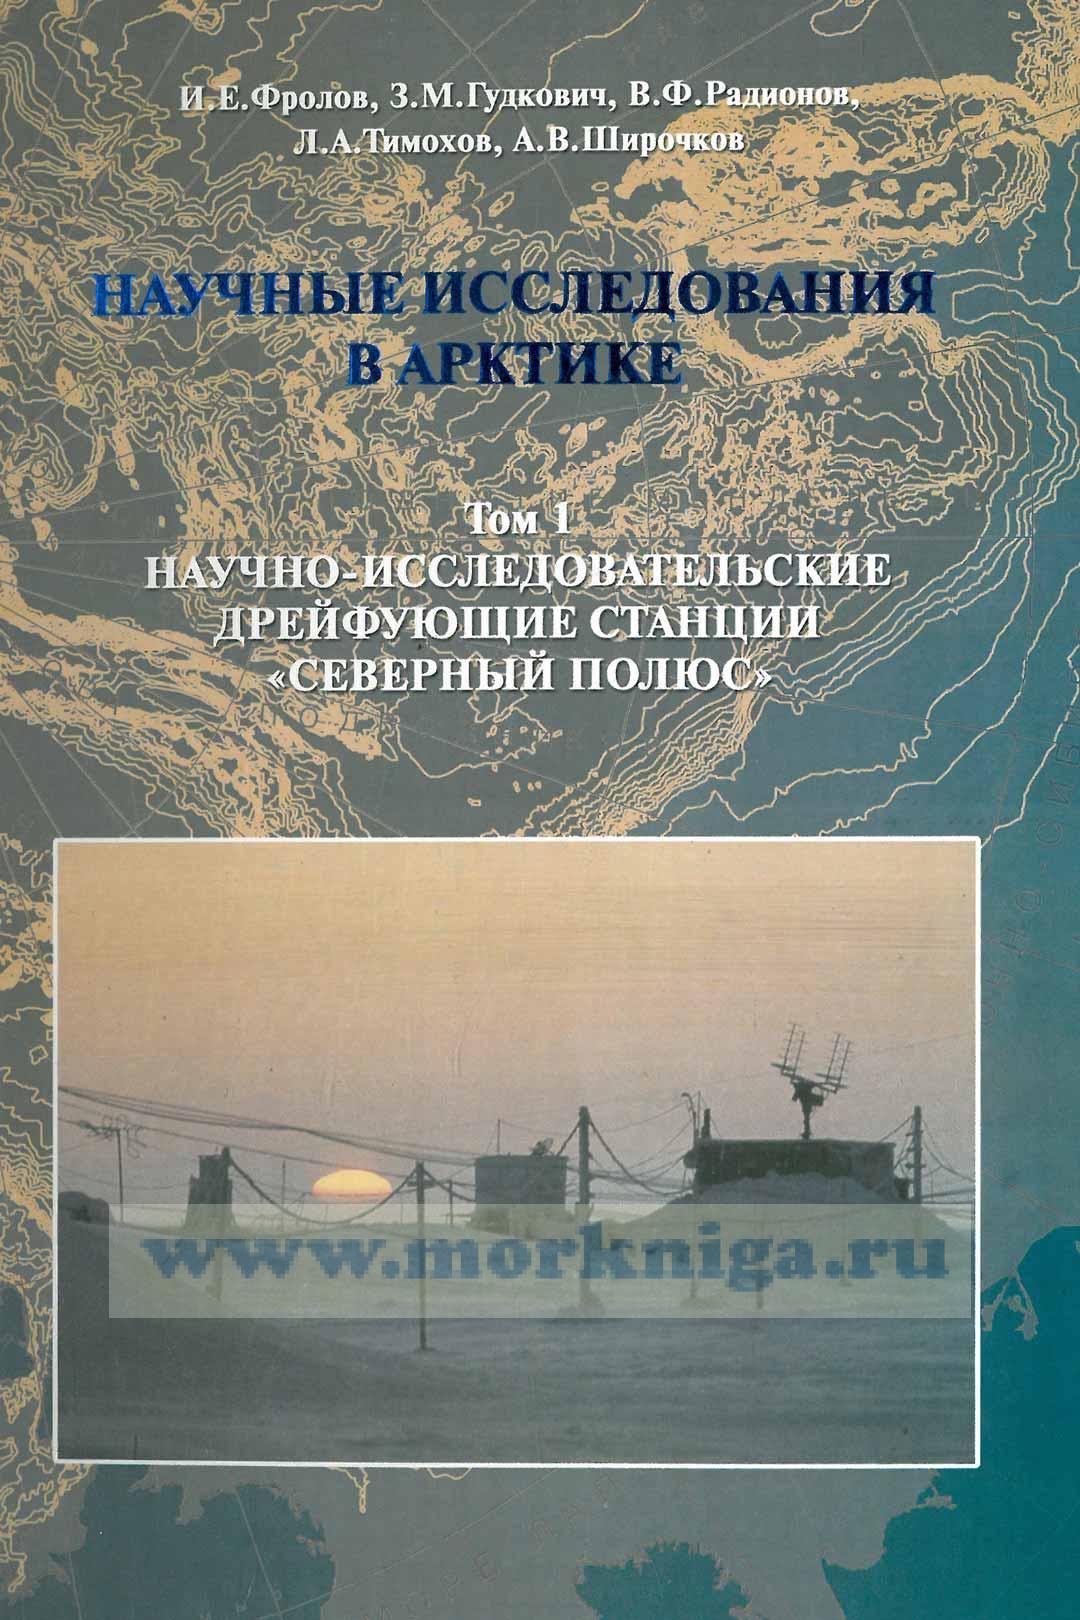 """Научные исследования в Арктике. Том 1. Научно-исследовательские дрейфующие станции """"Северный полюс"""""""